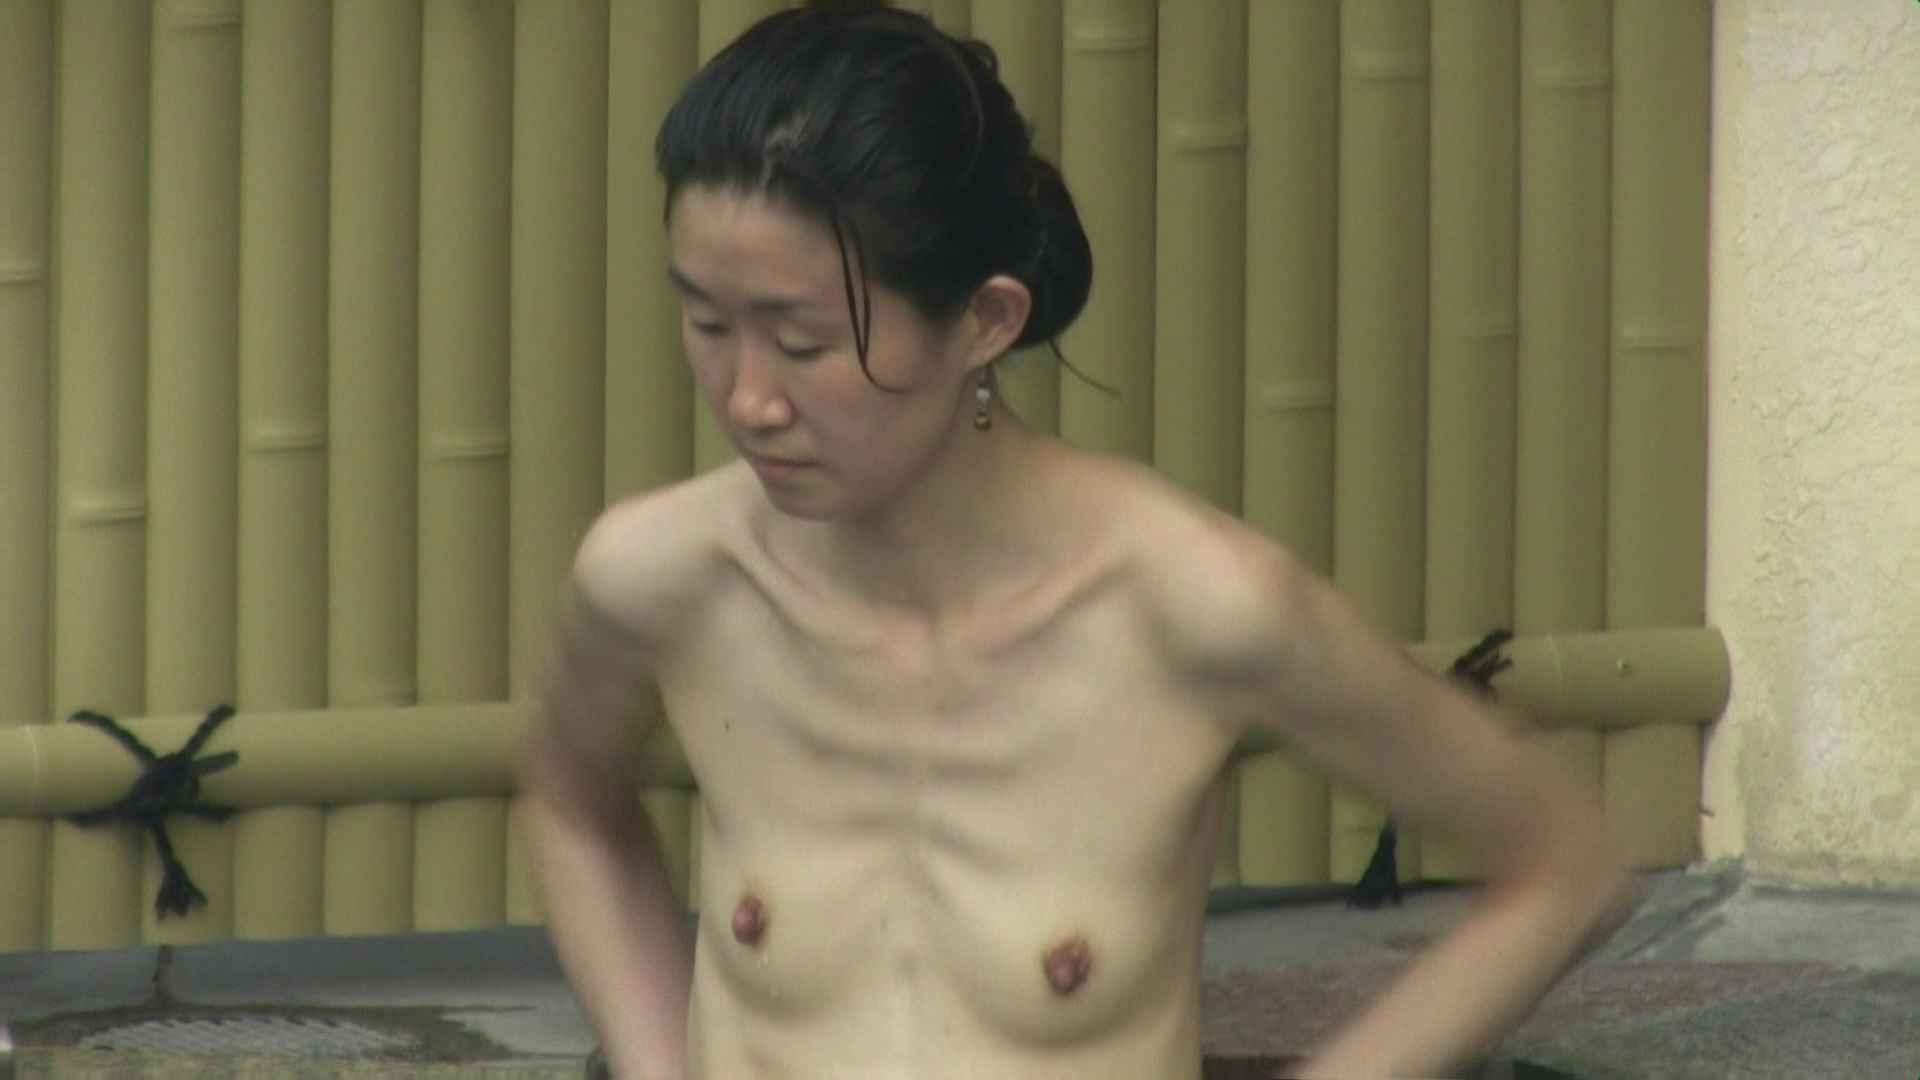 高画質露天女風呂観察 vol.031 乙女のエロ動画 性交動画流出 104PIX 15